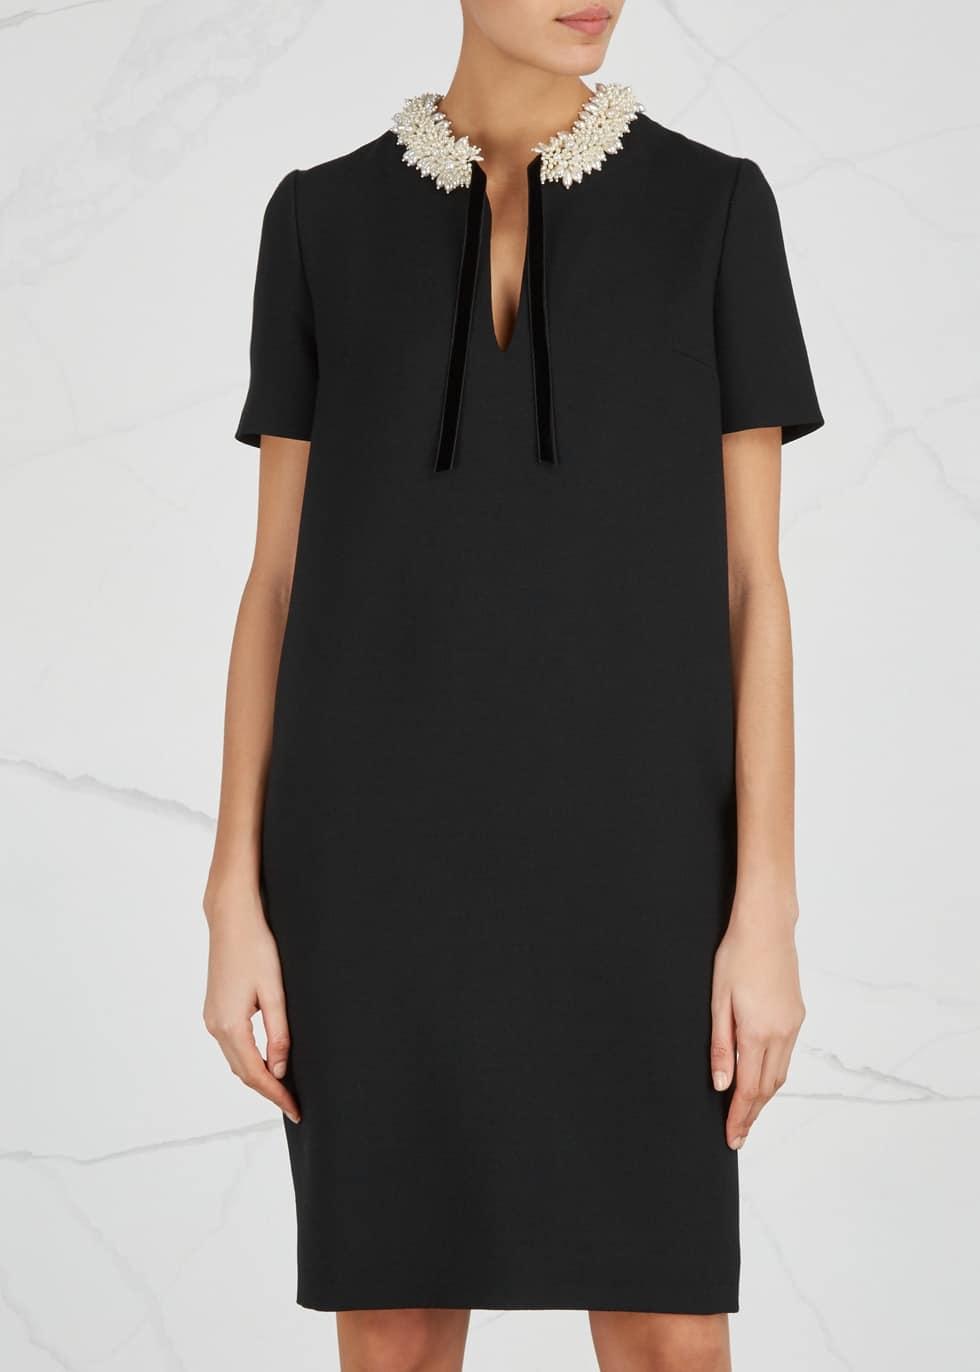 LANVIN Embellished Wool Crepe Black Dress